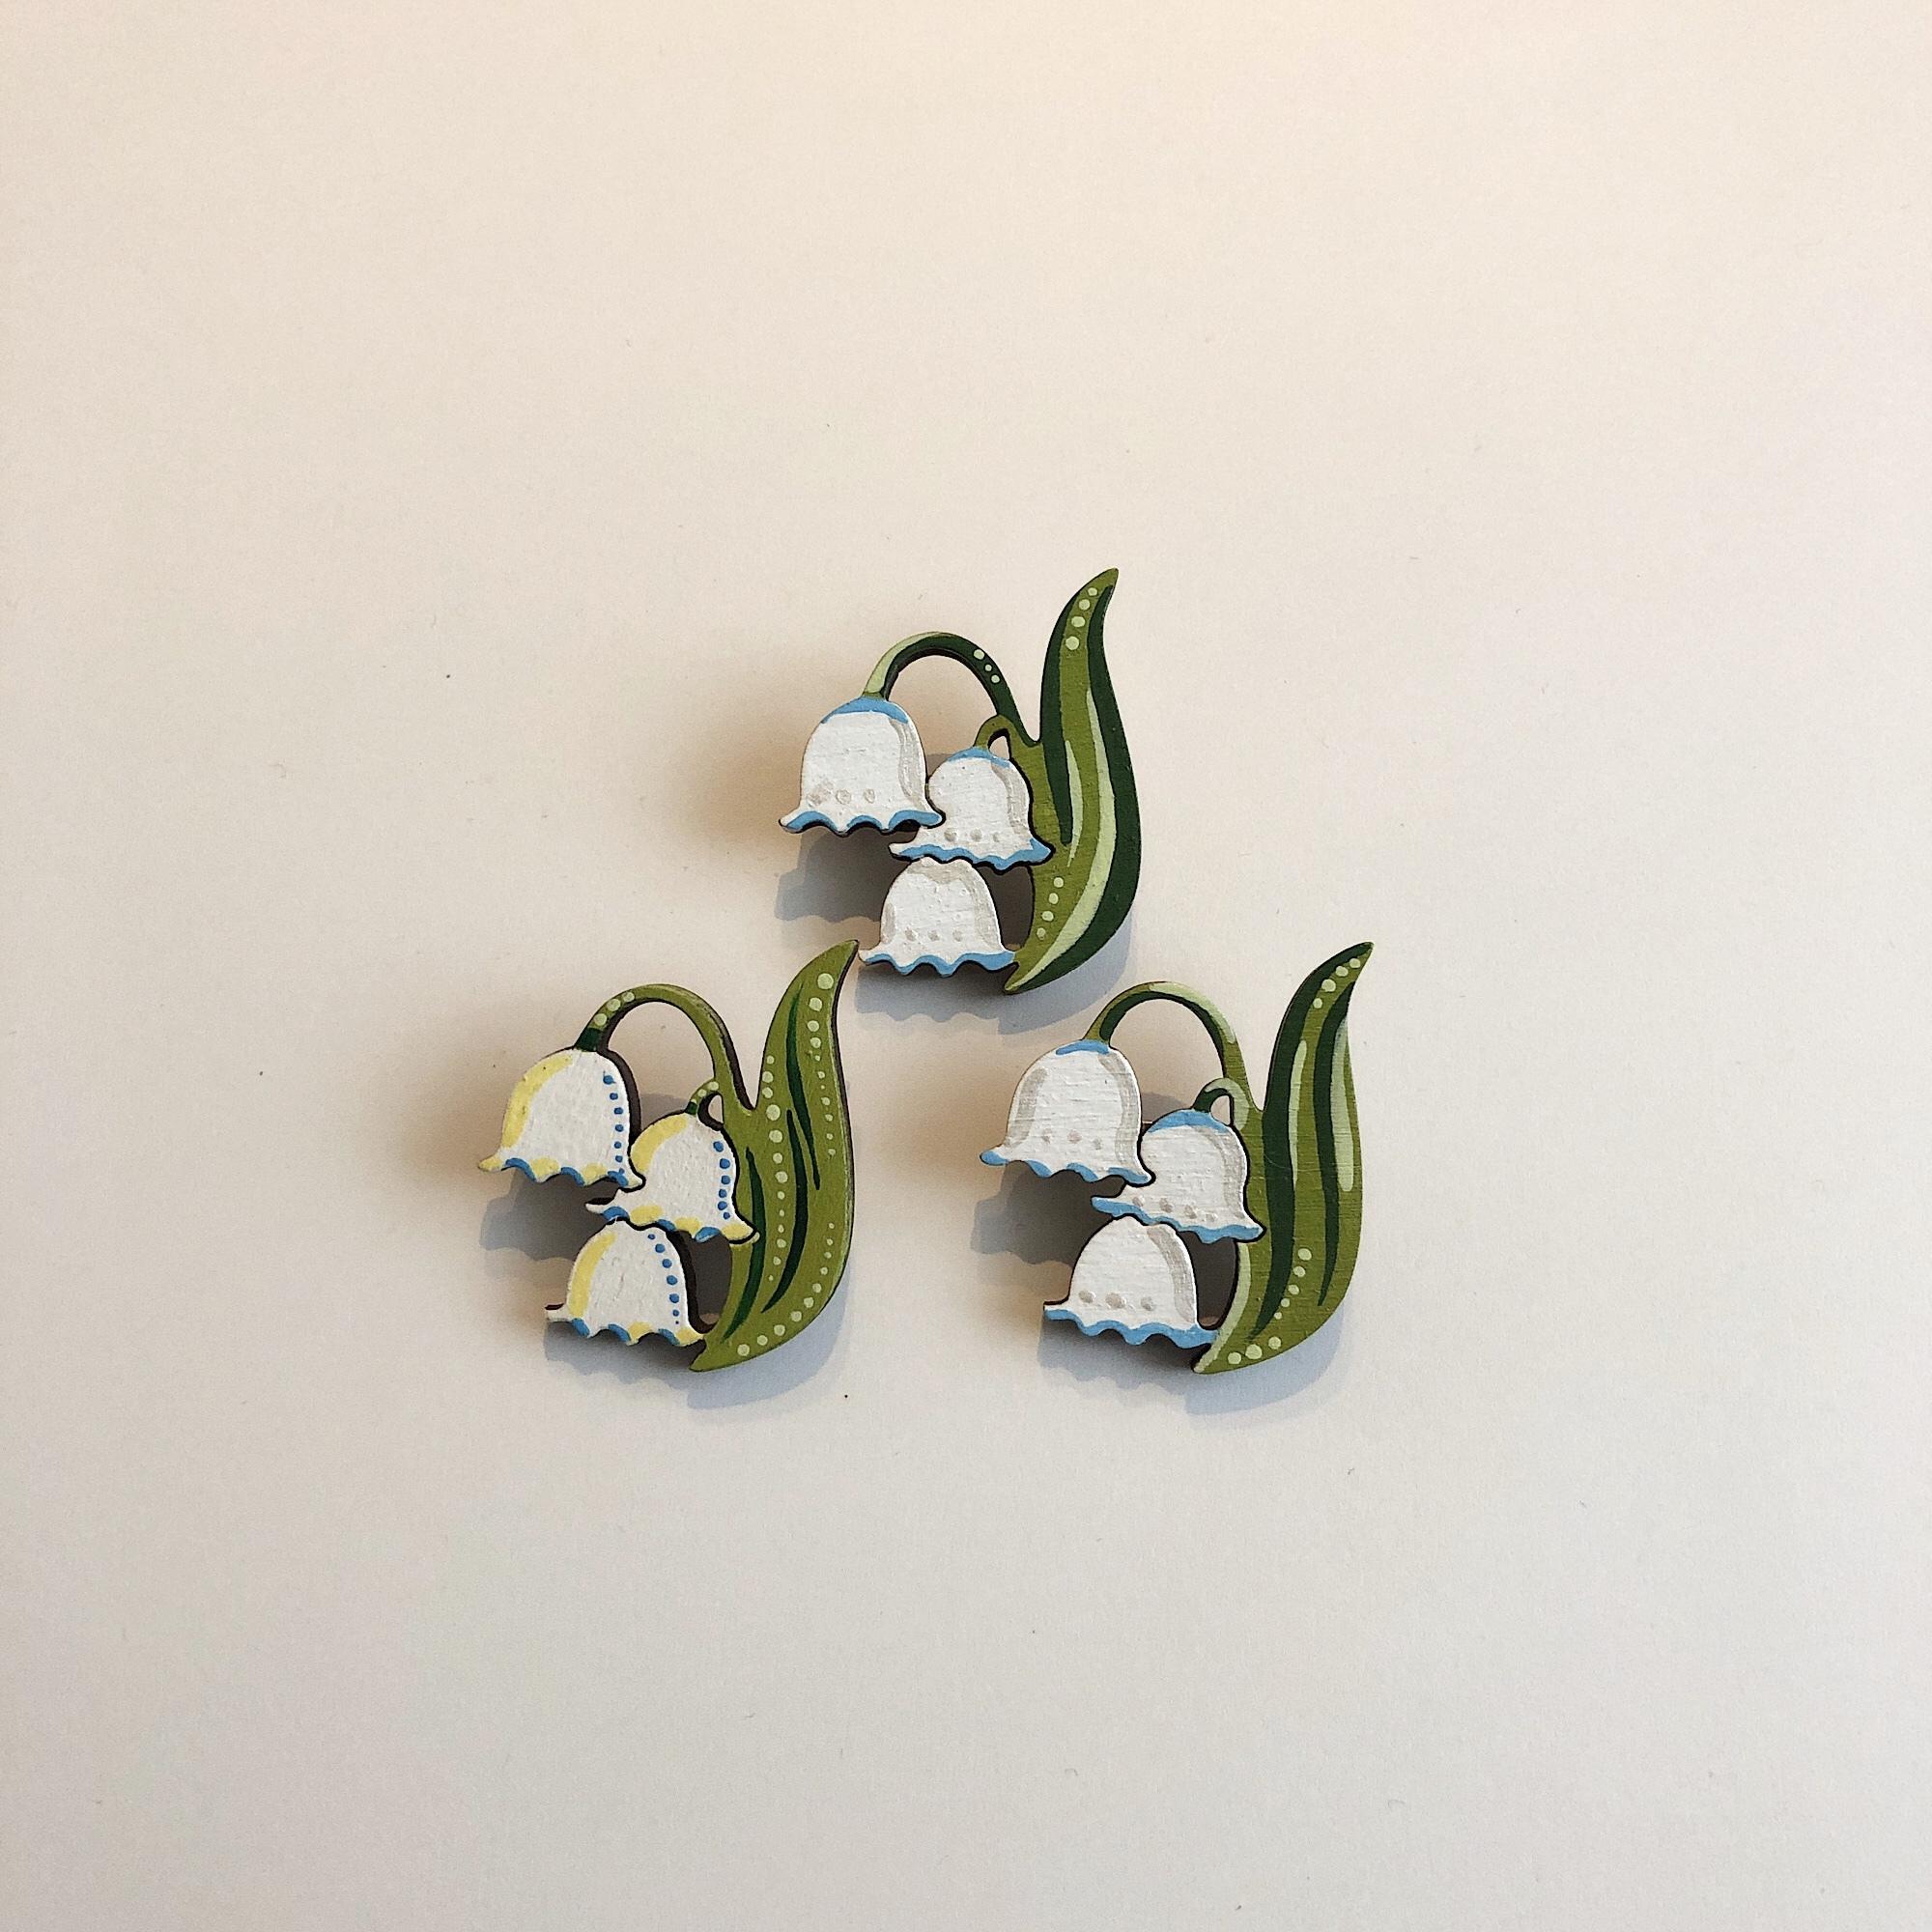 樺の木ブローチ【すずらん】